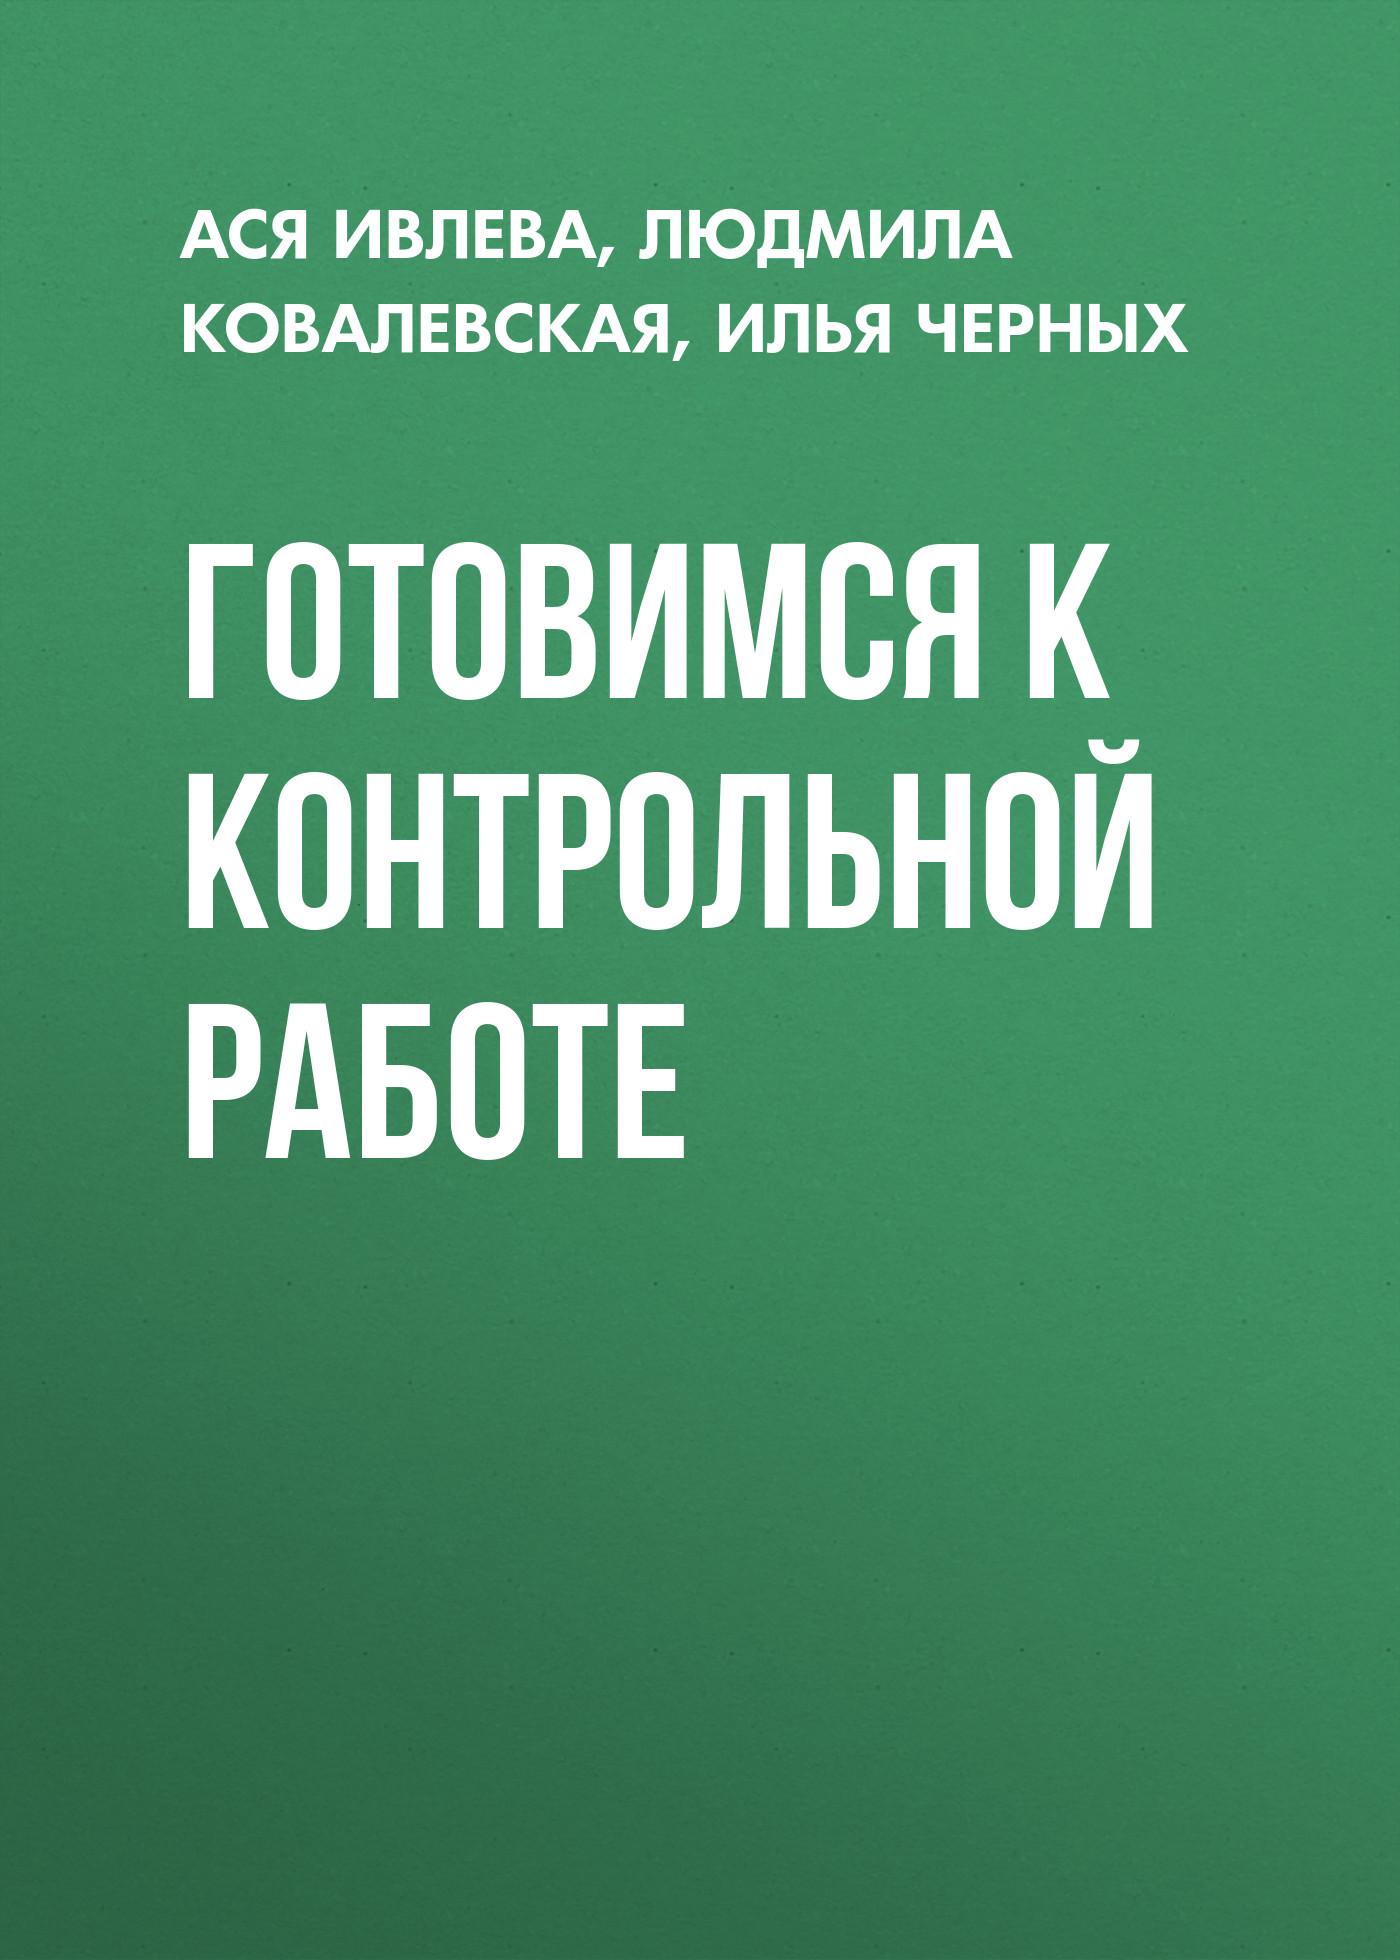 Илья Черных Готовимся к контрольной работе д и золотаревская сборник задач по линейной алгебре